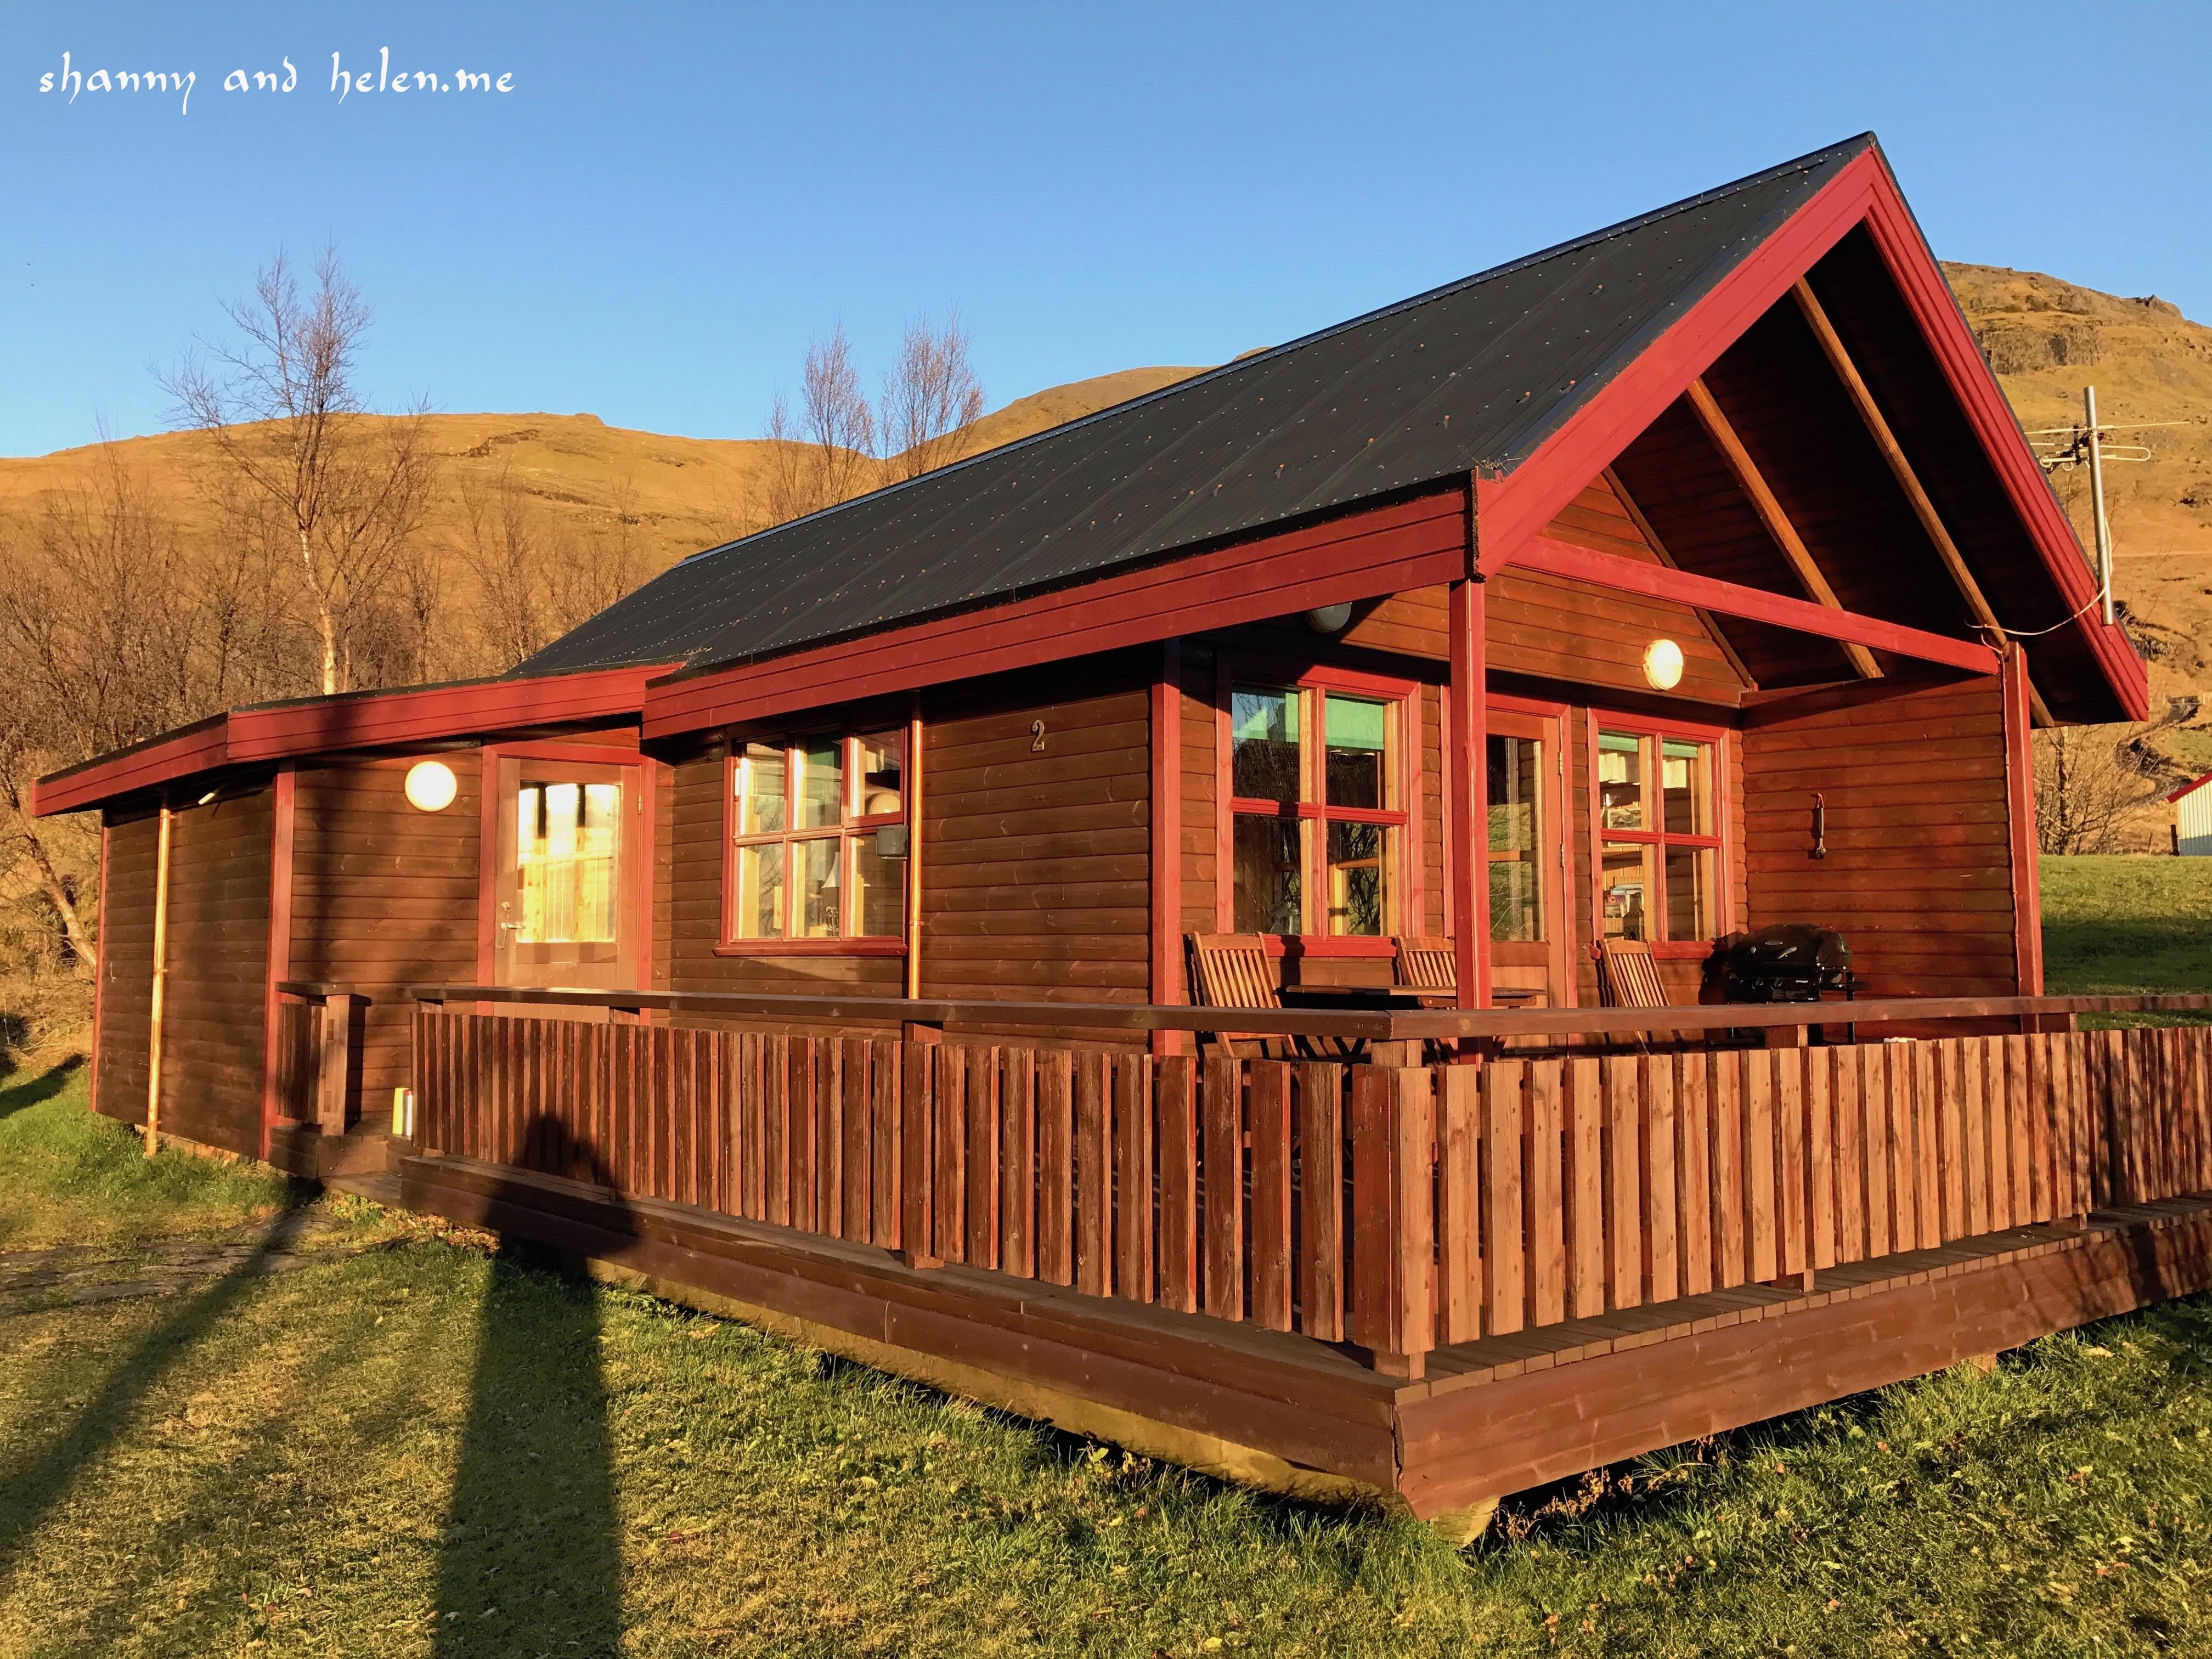 asolfsskali-cottage_39793169651_o